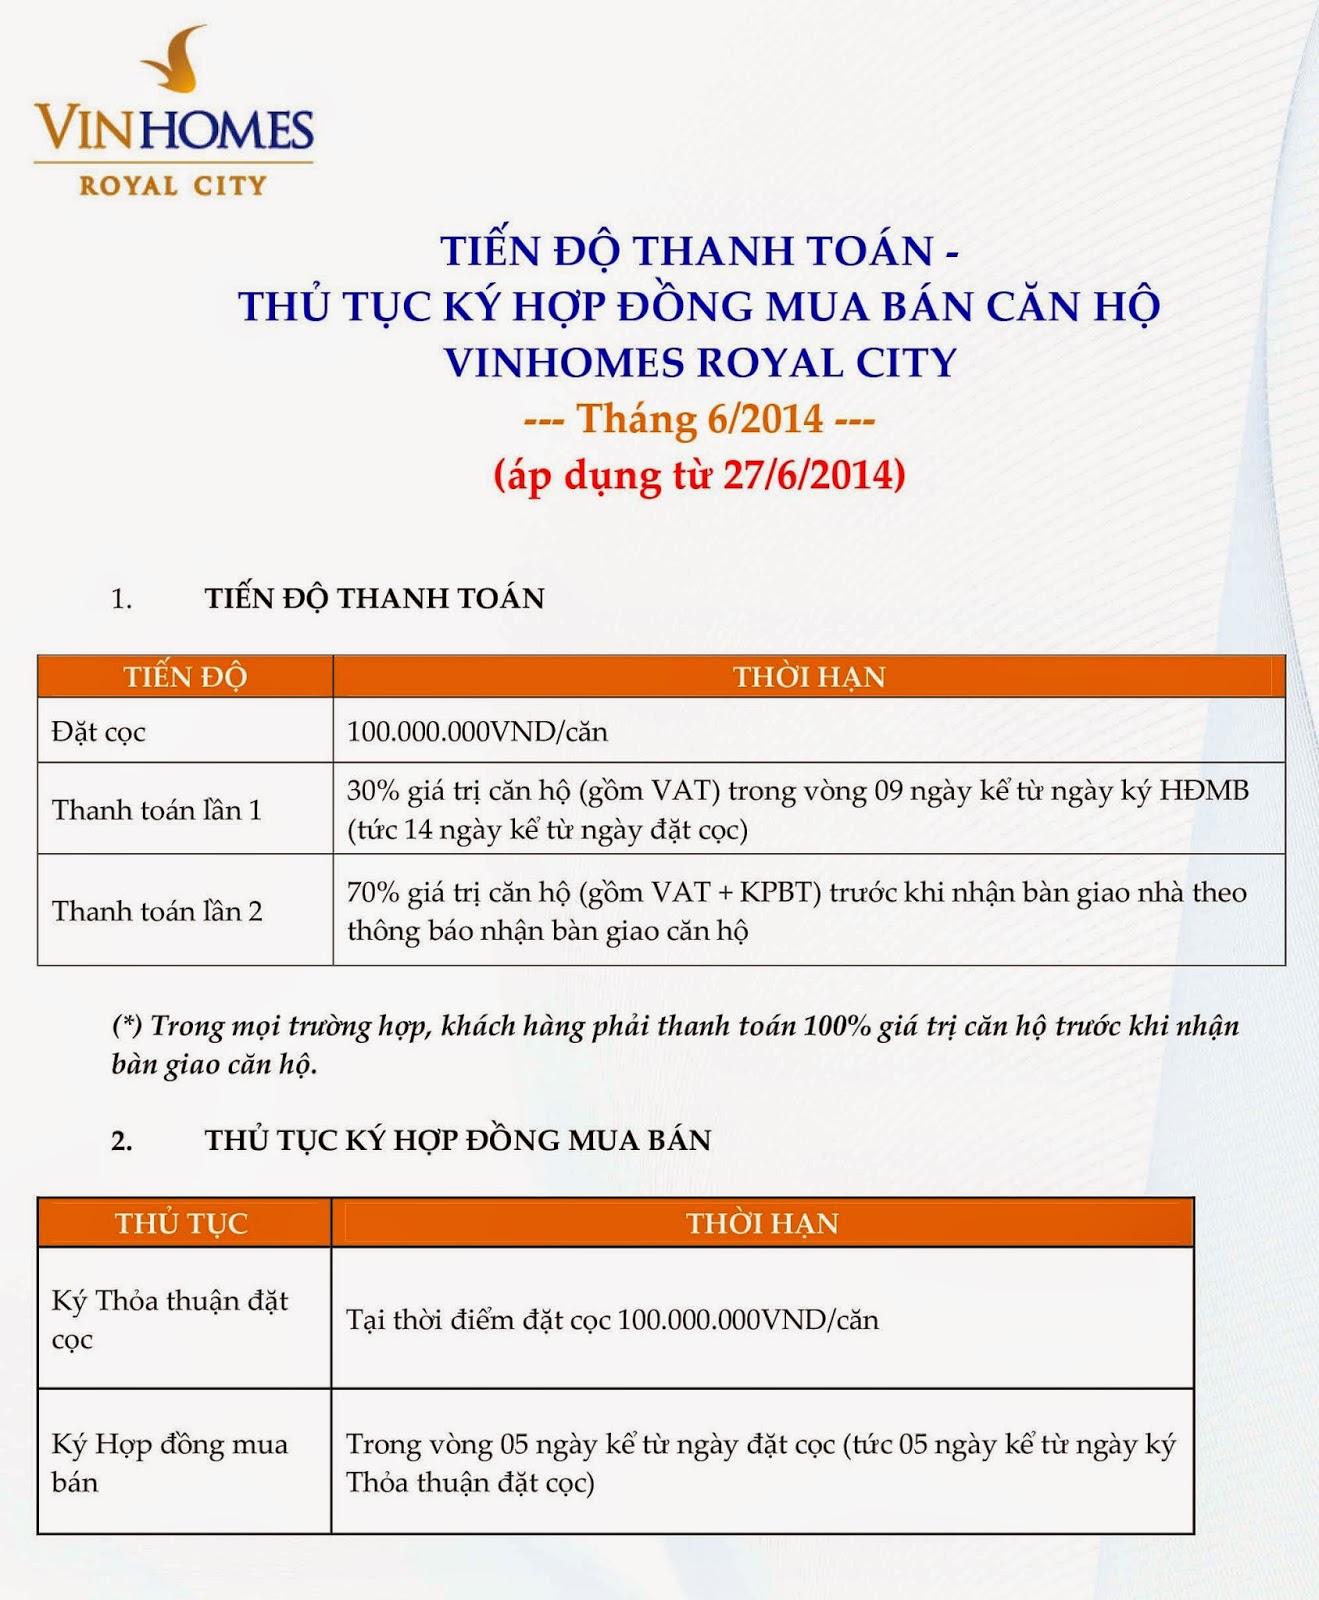 Tiến độ thanh toán và thủ tục mua bán Chung cư Royal City